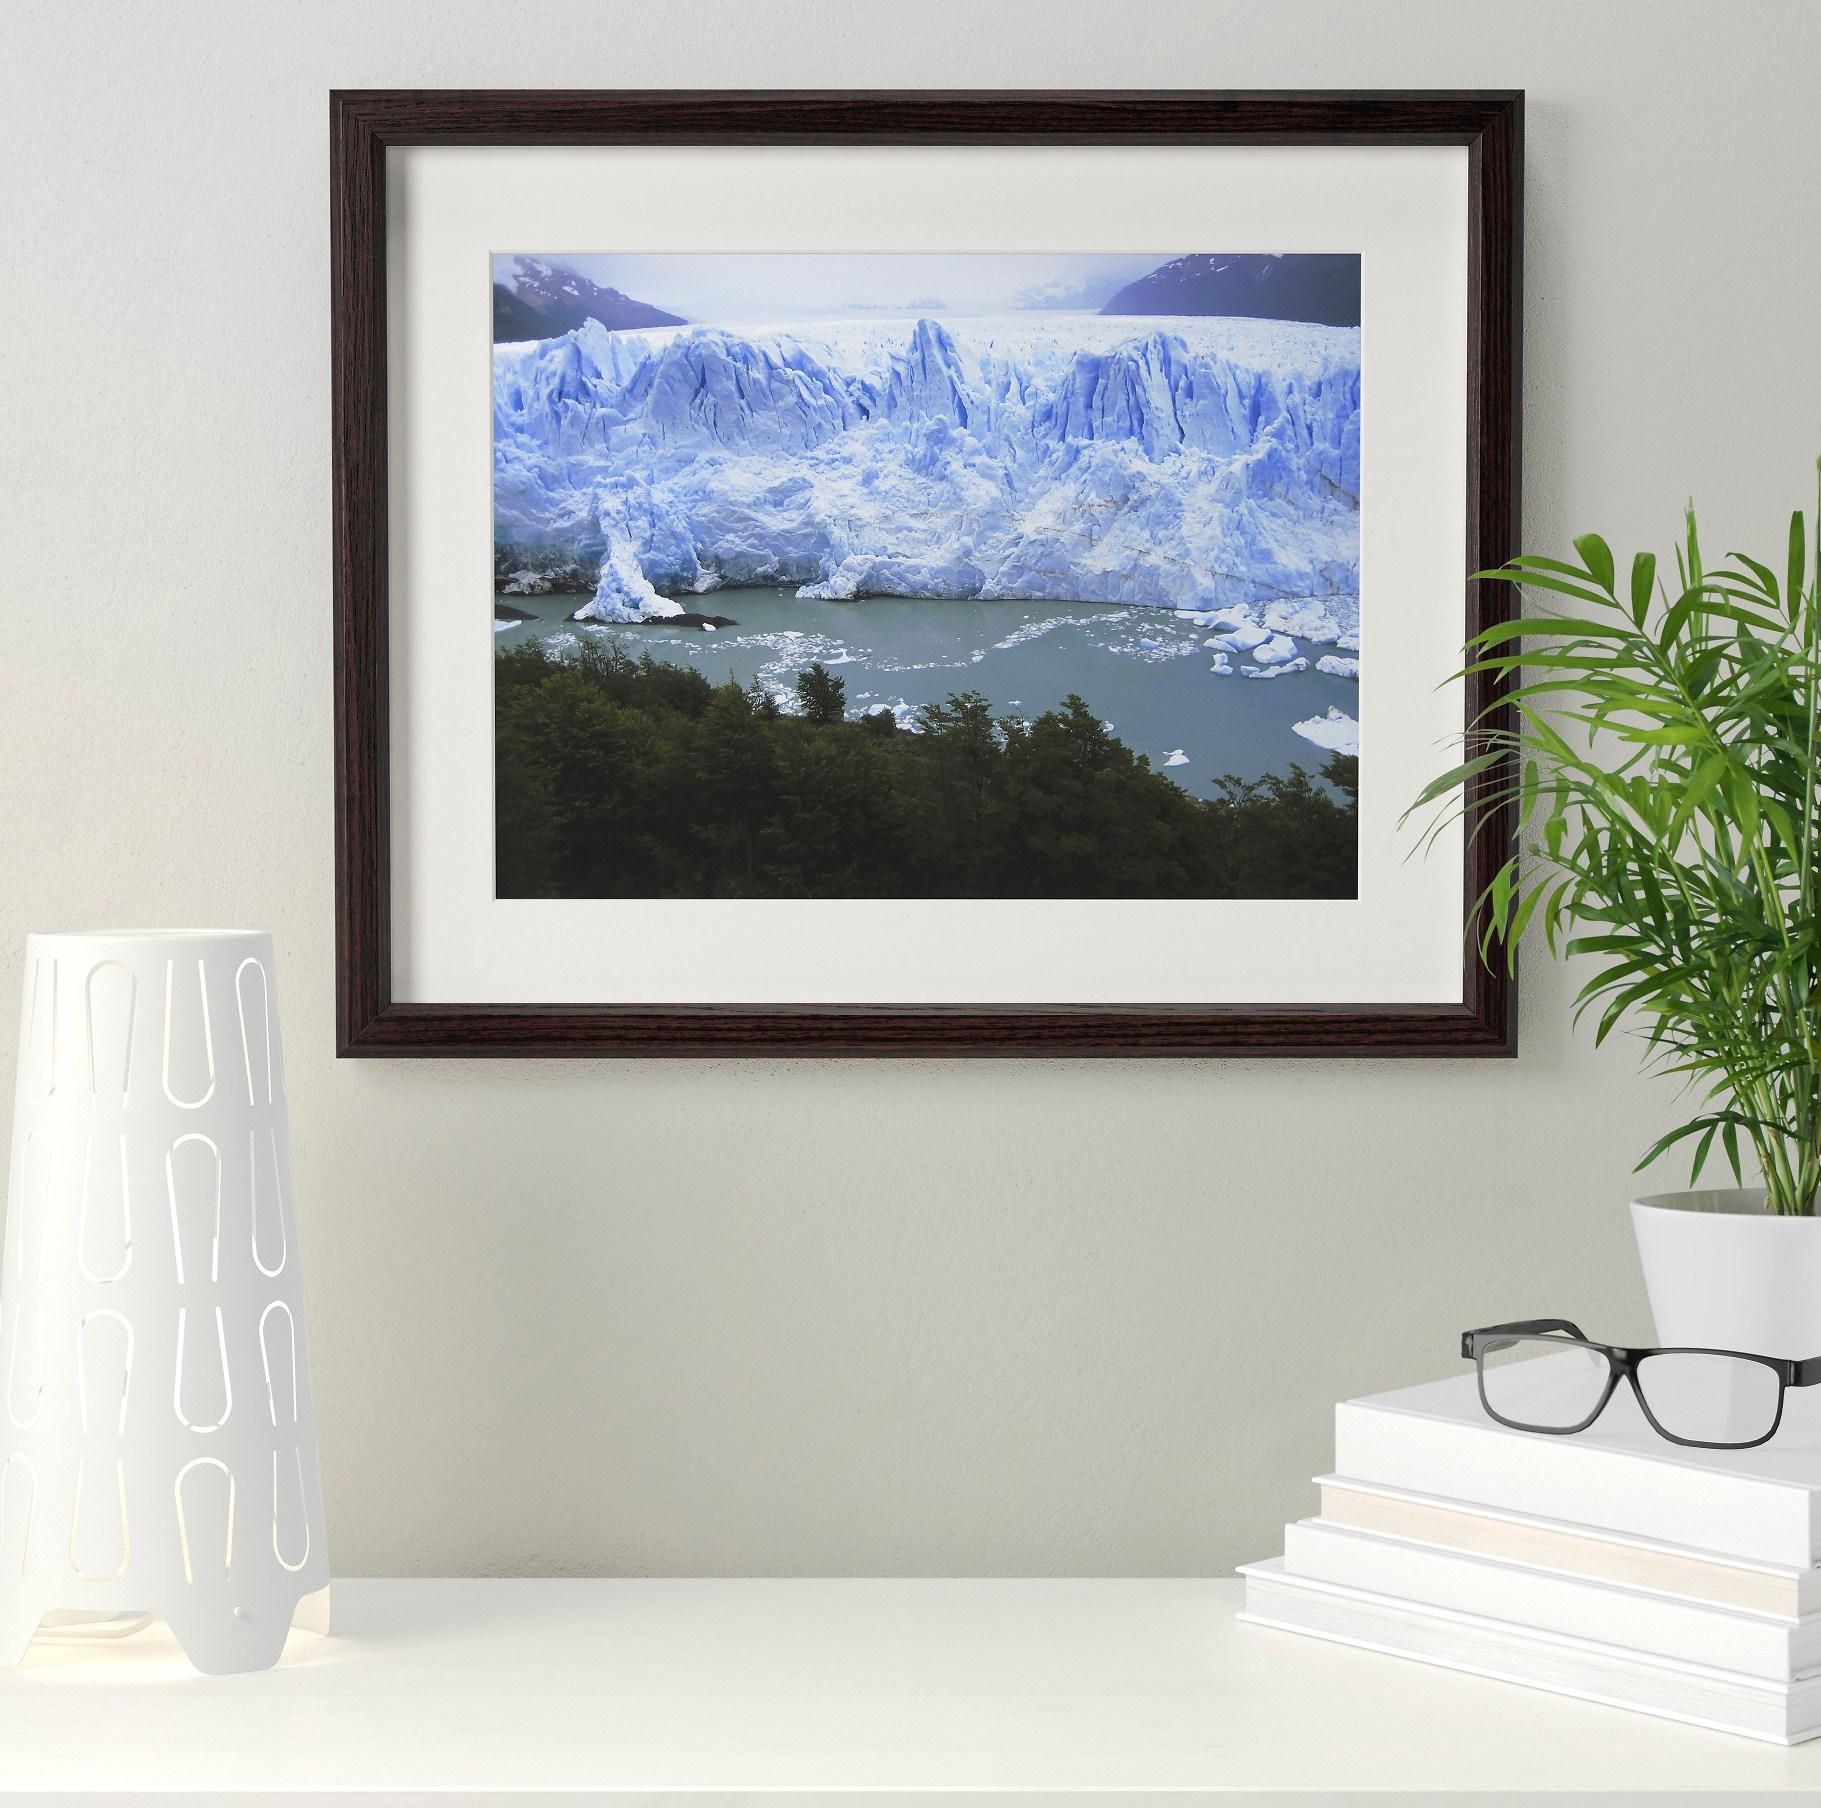 40 x 55 poster frame